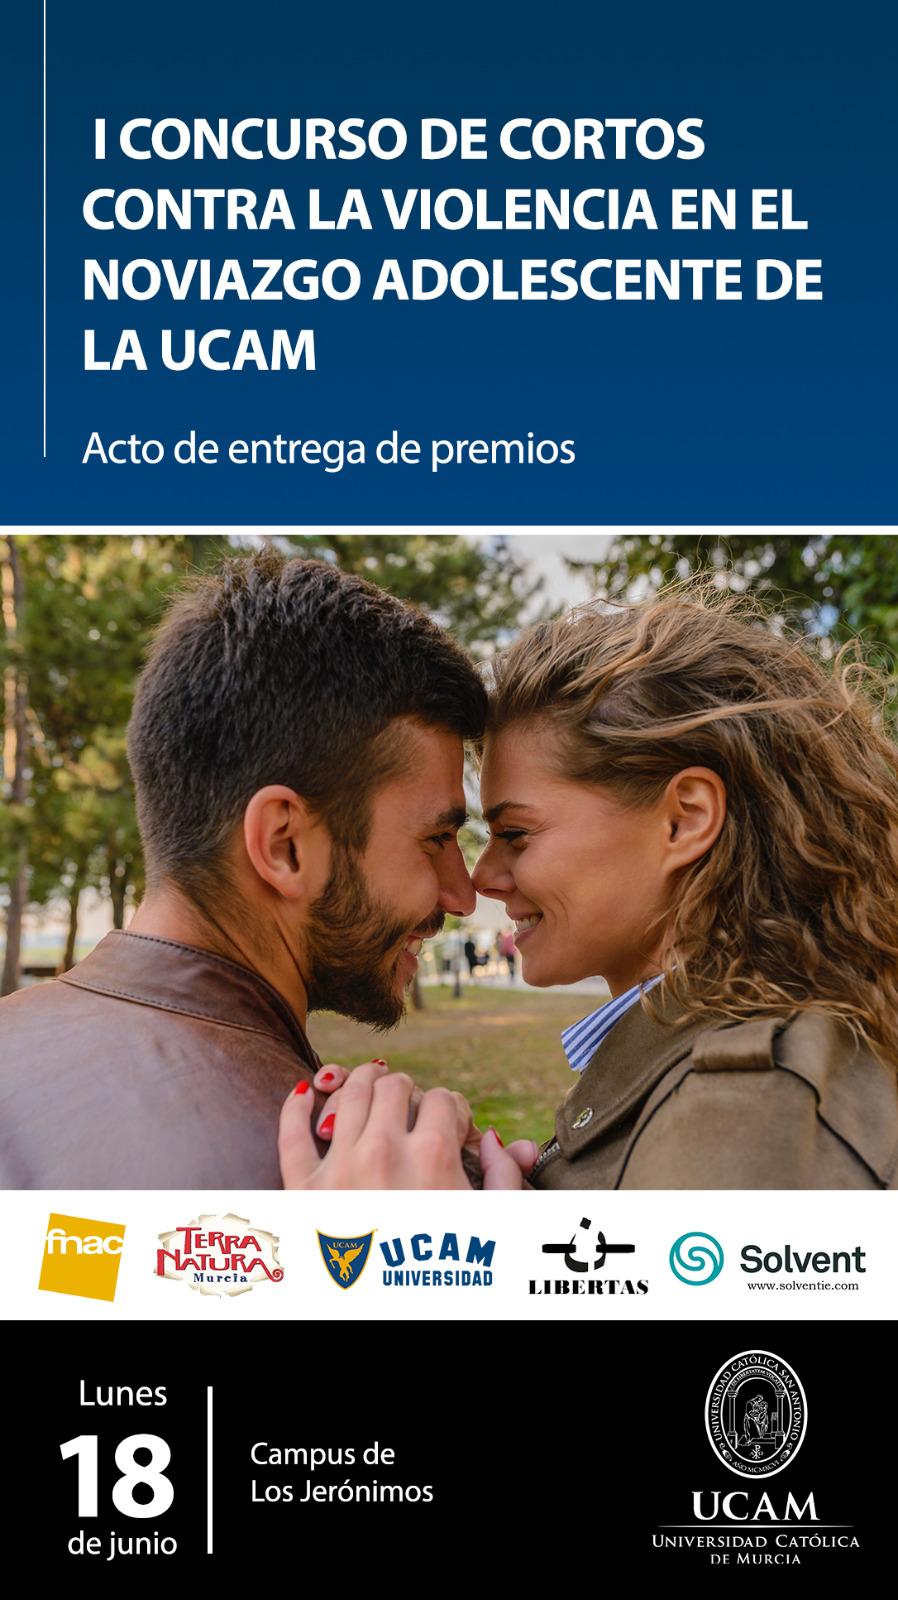 Concurso de cortometrajes sobre violencias en las parejas de adolescentes